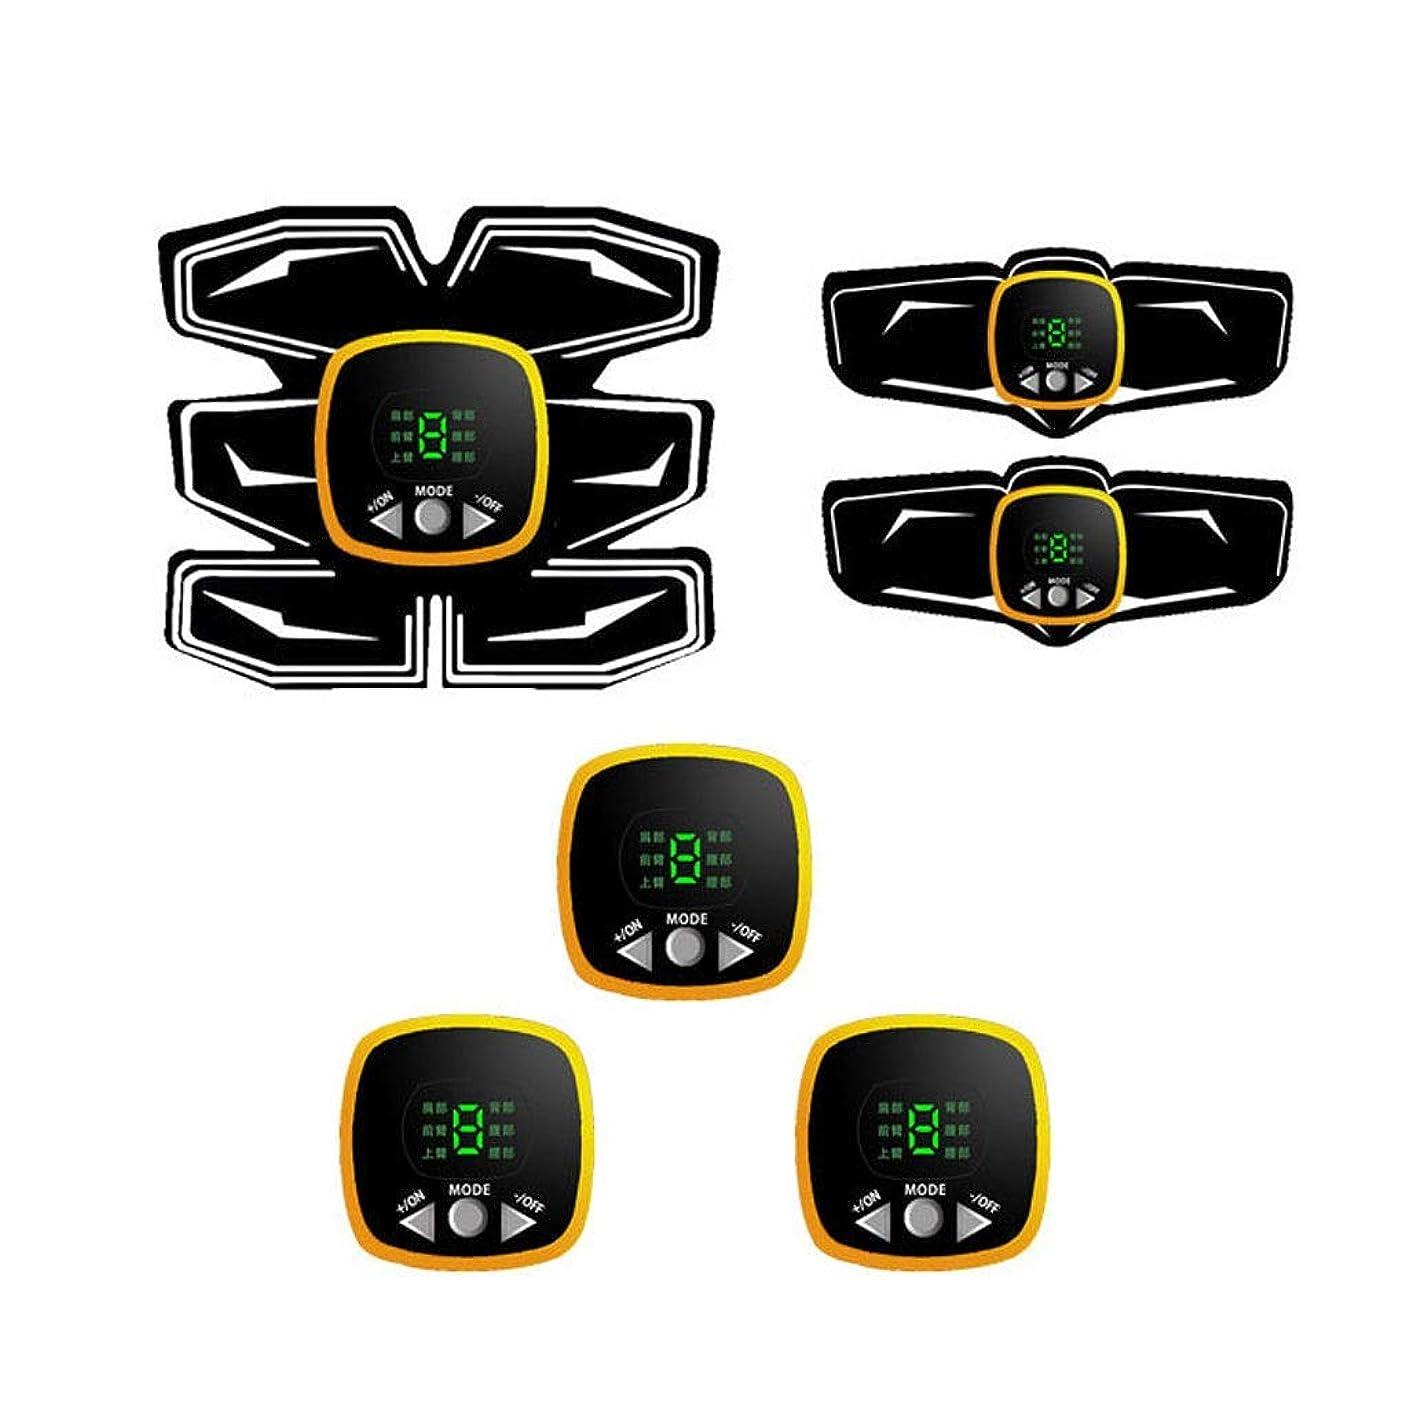 ボルト無力くぼみABSトレーナーEMS腹部電気マッスルスティミュレーターマッスルトナー調色ベルトフィットネストレーニングギアABSエクササイズマシンウエストトレーナーホームトレーニングフィットネス機器 (Color : Yellow)